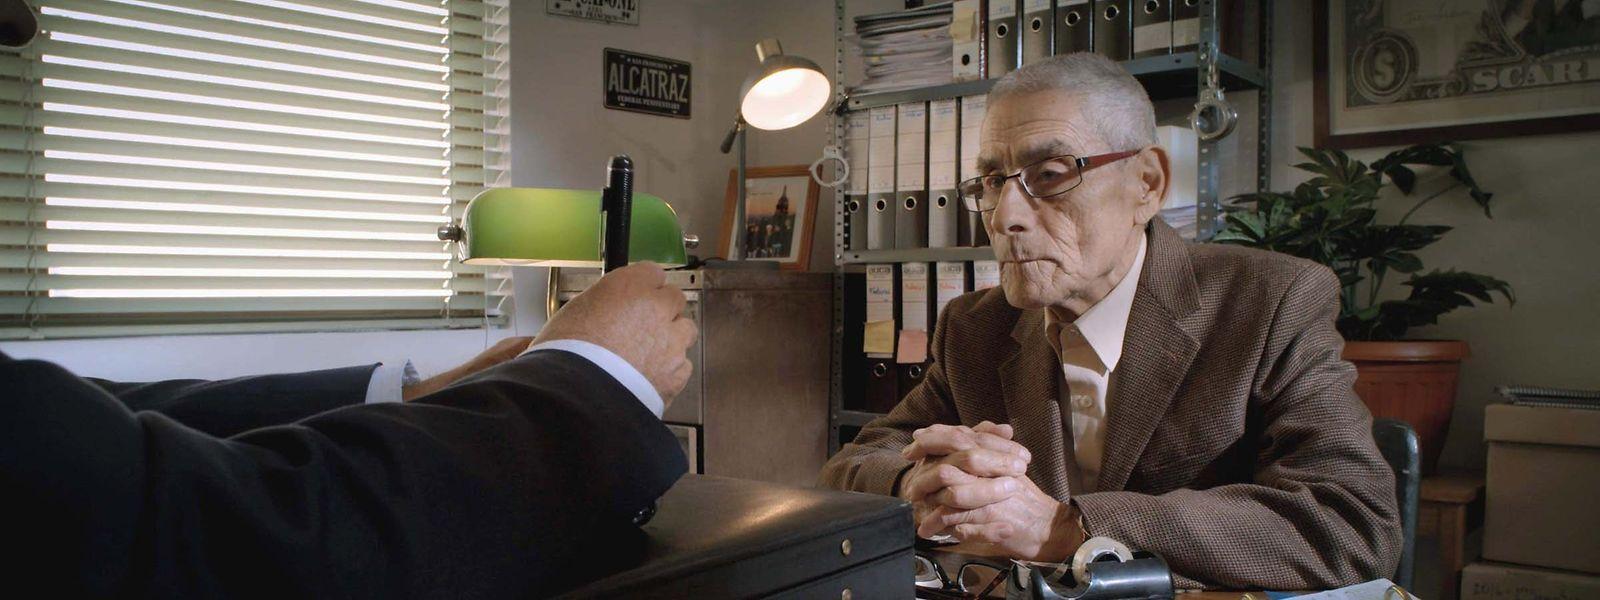 Sergio Chamy, 83 Jahre alt, wird in ein chilenisches Altenheim eingeschleust.